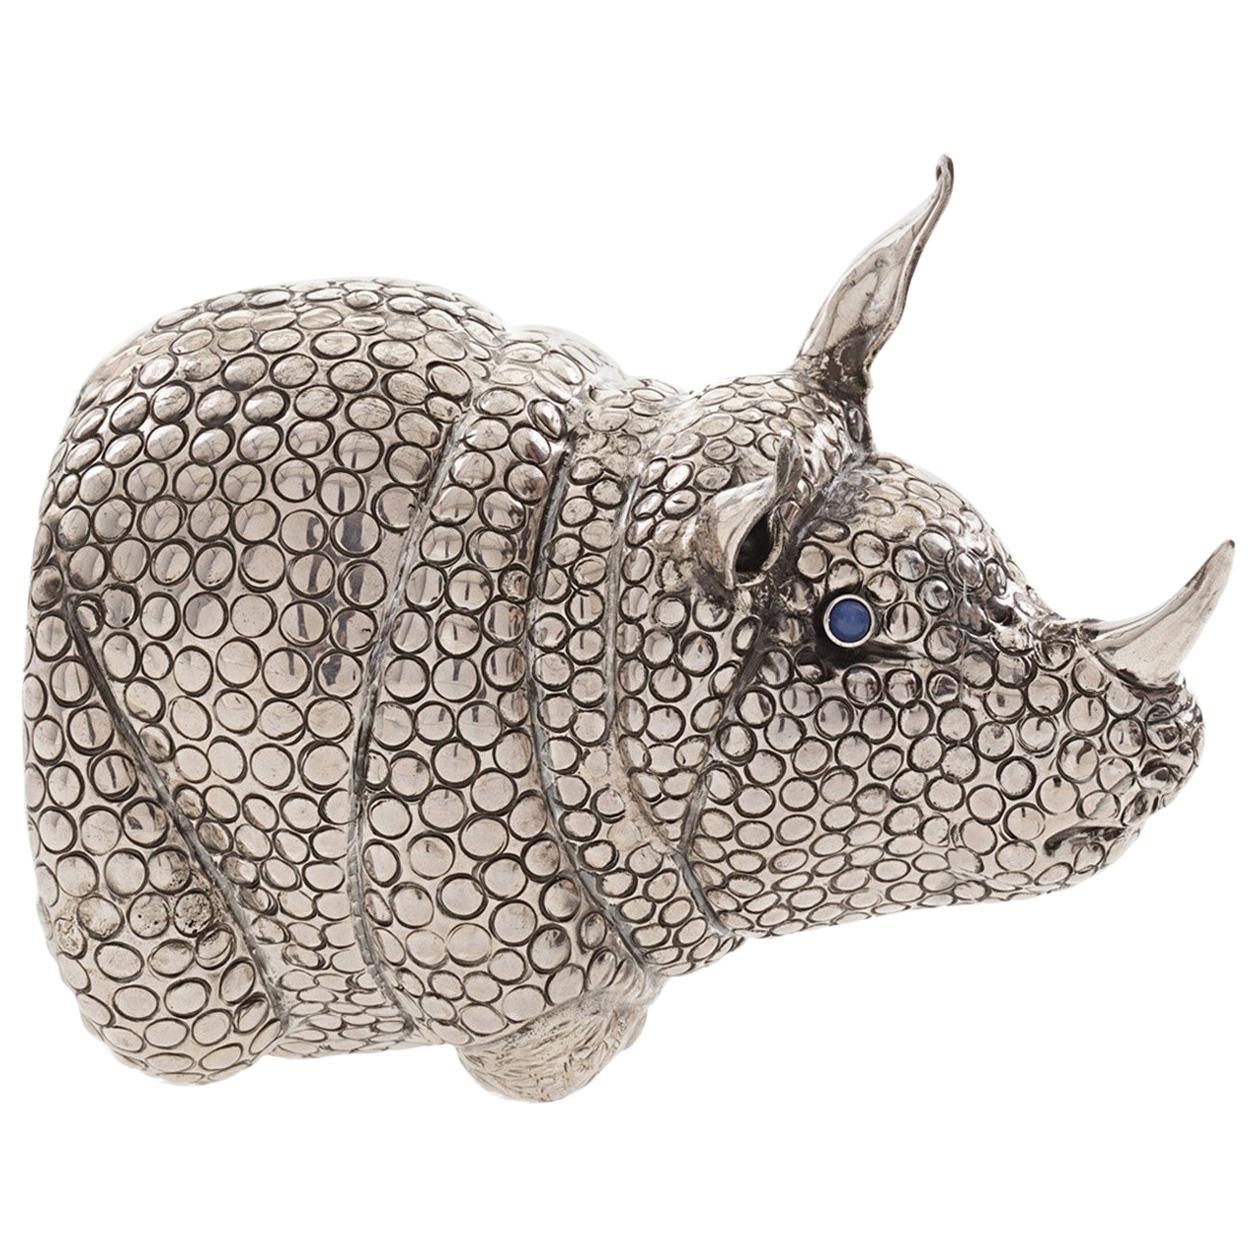 The Rhino Sterling Silver Lighter